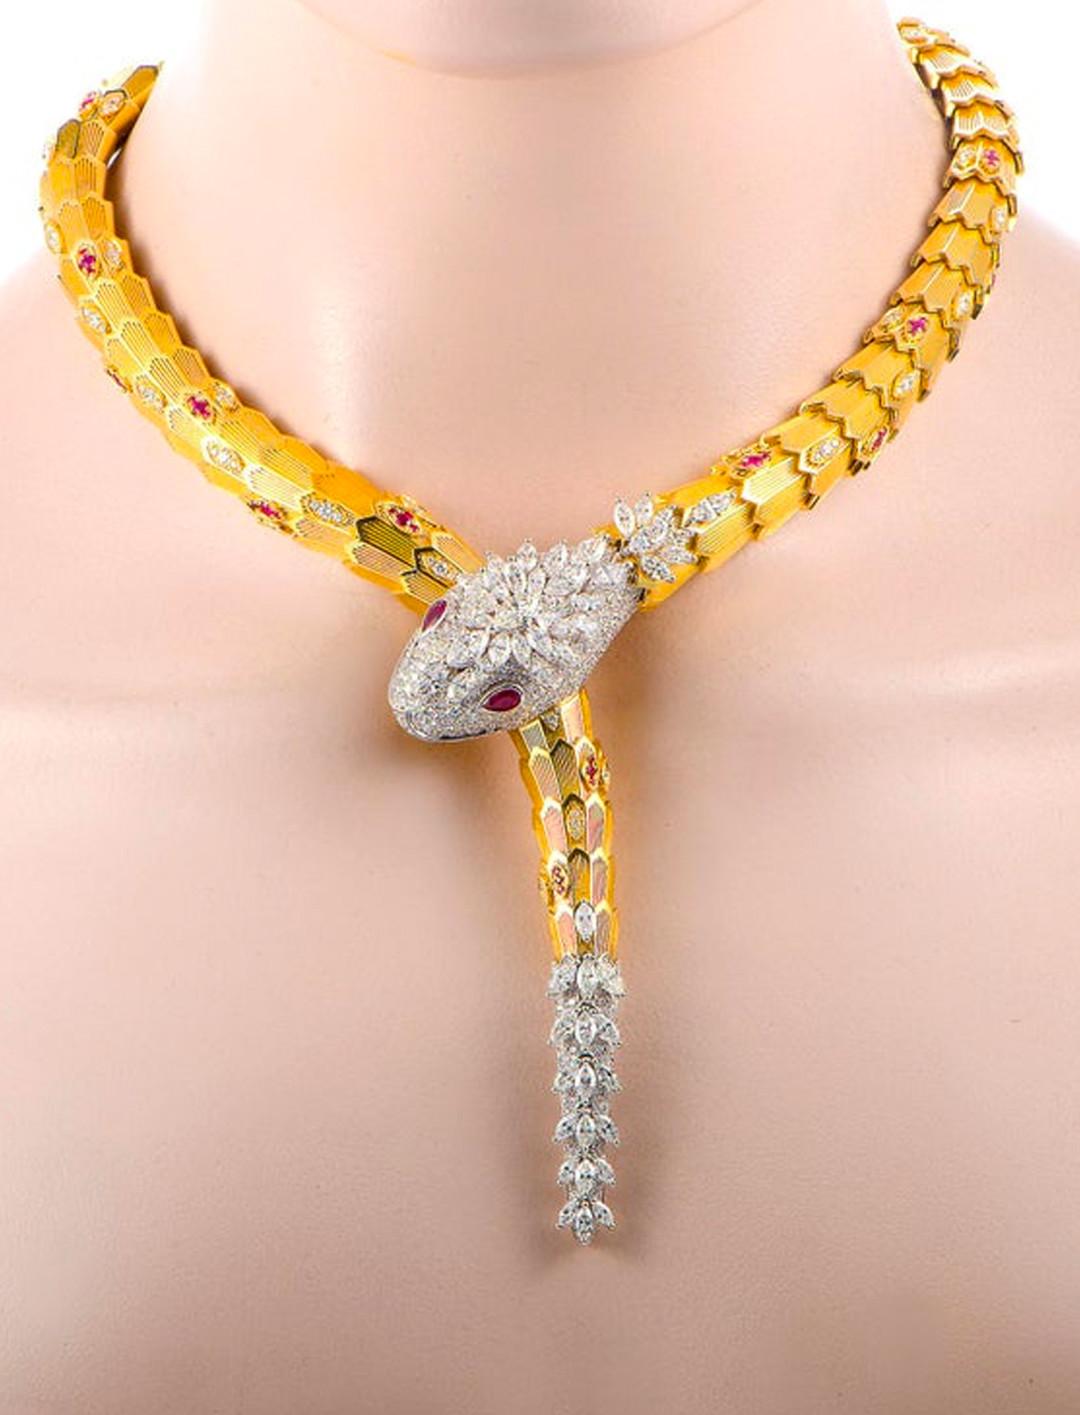 Snake Necklace Jewellery